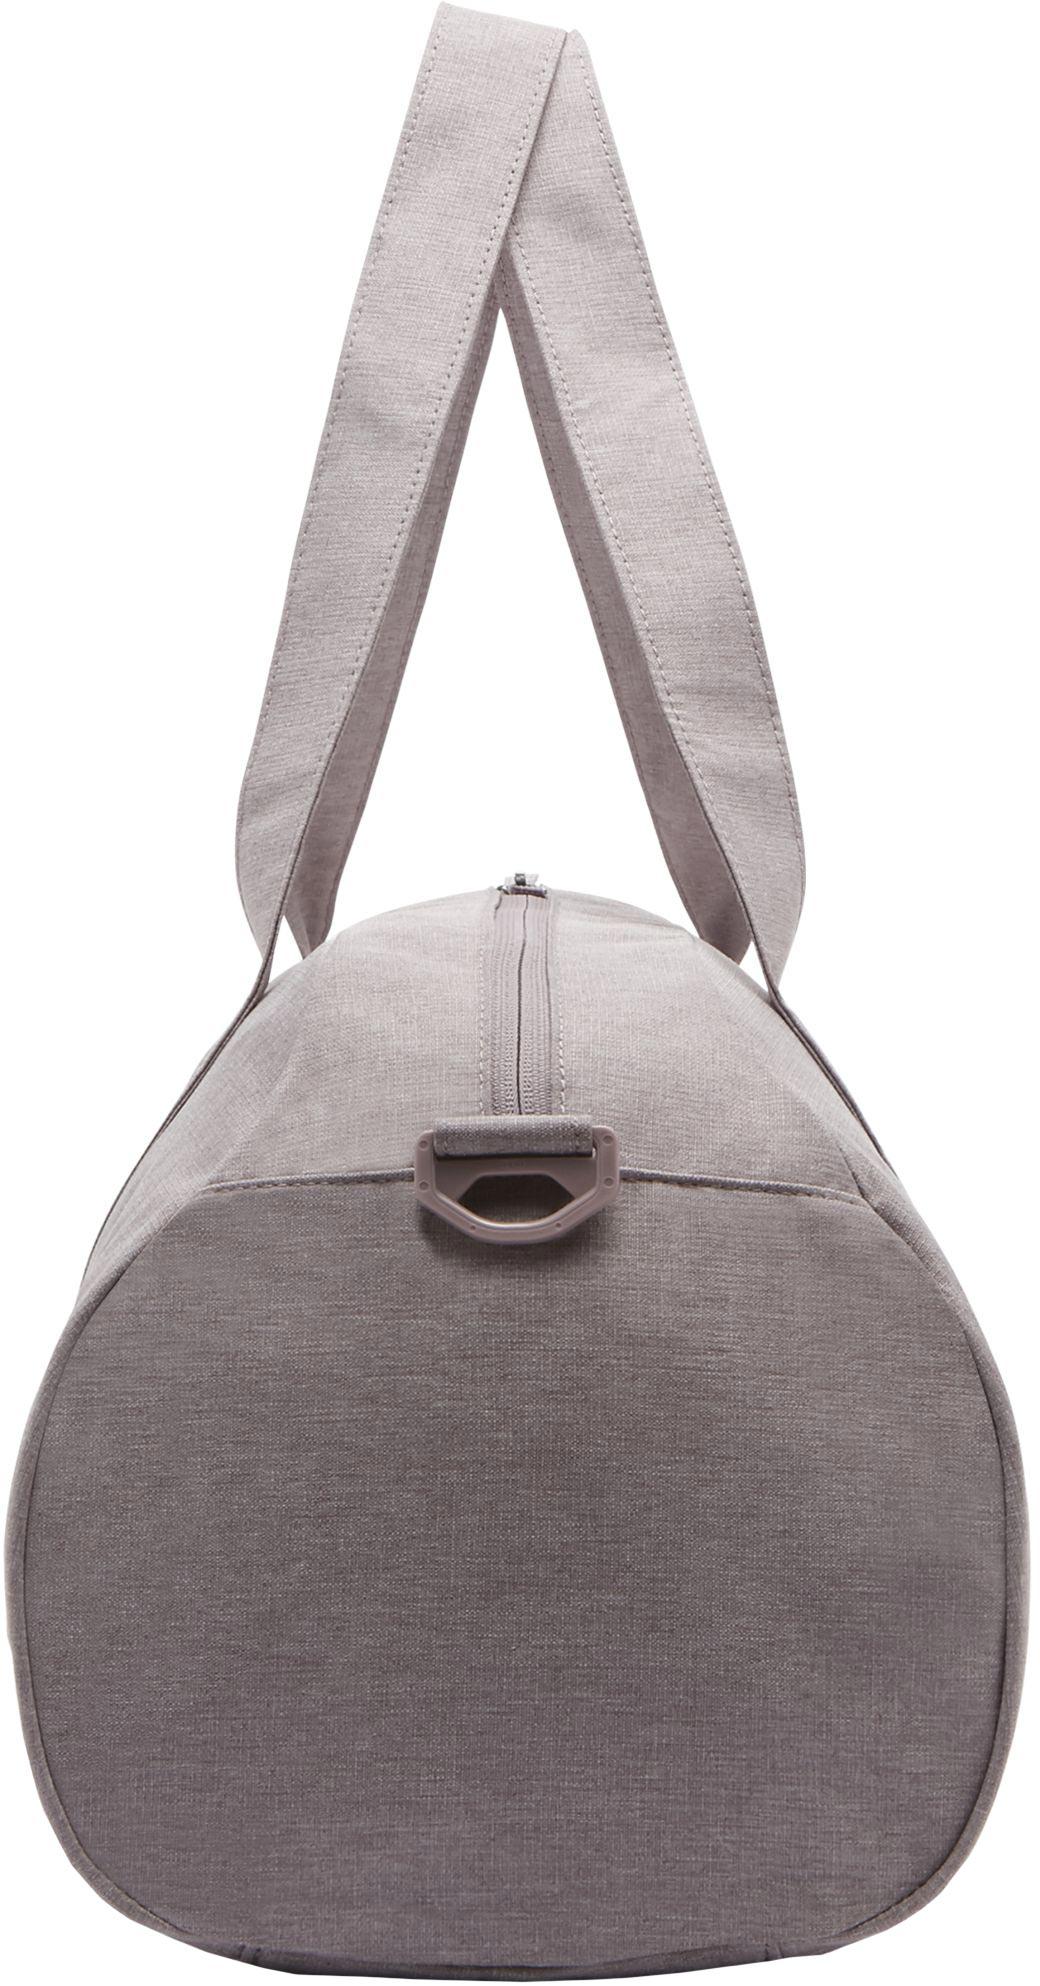 6b0bb90bfc Dámská tréninková sportovní taška